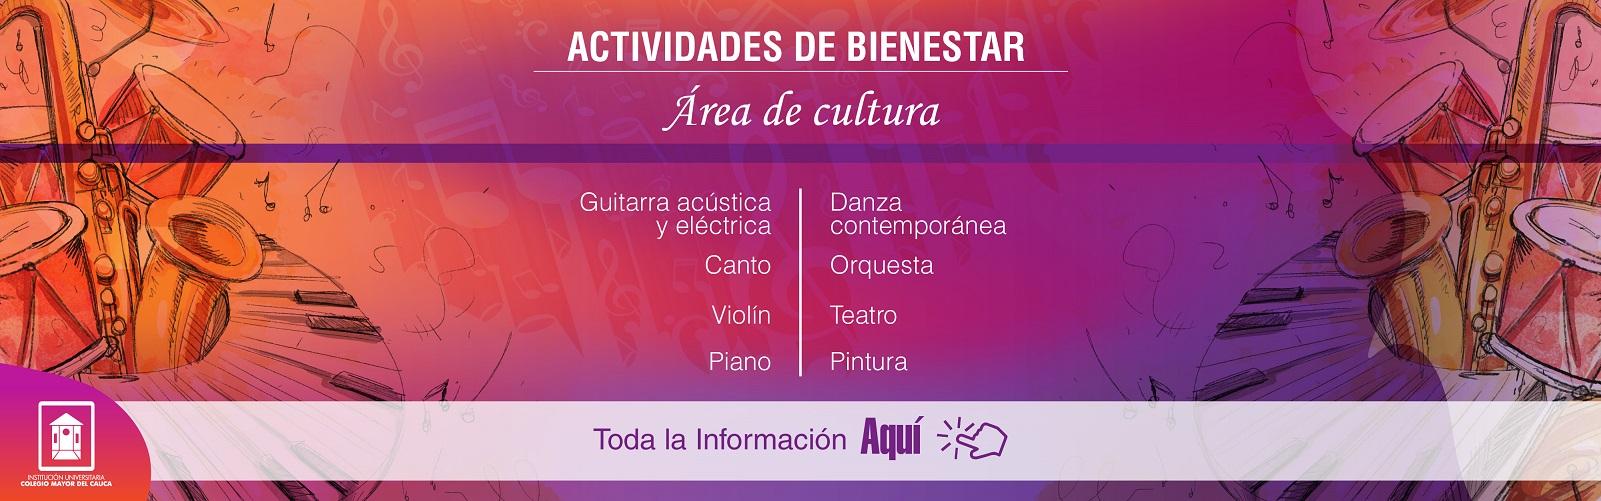 Cultura_Bienestar